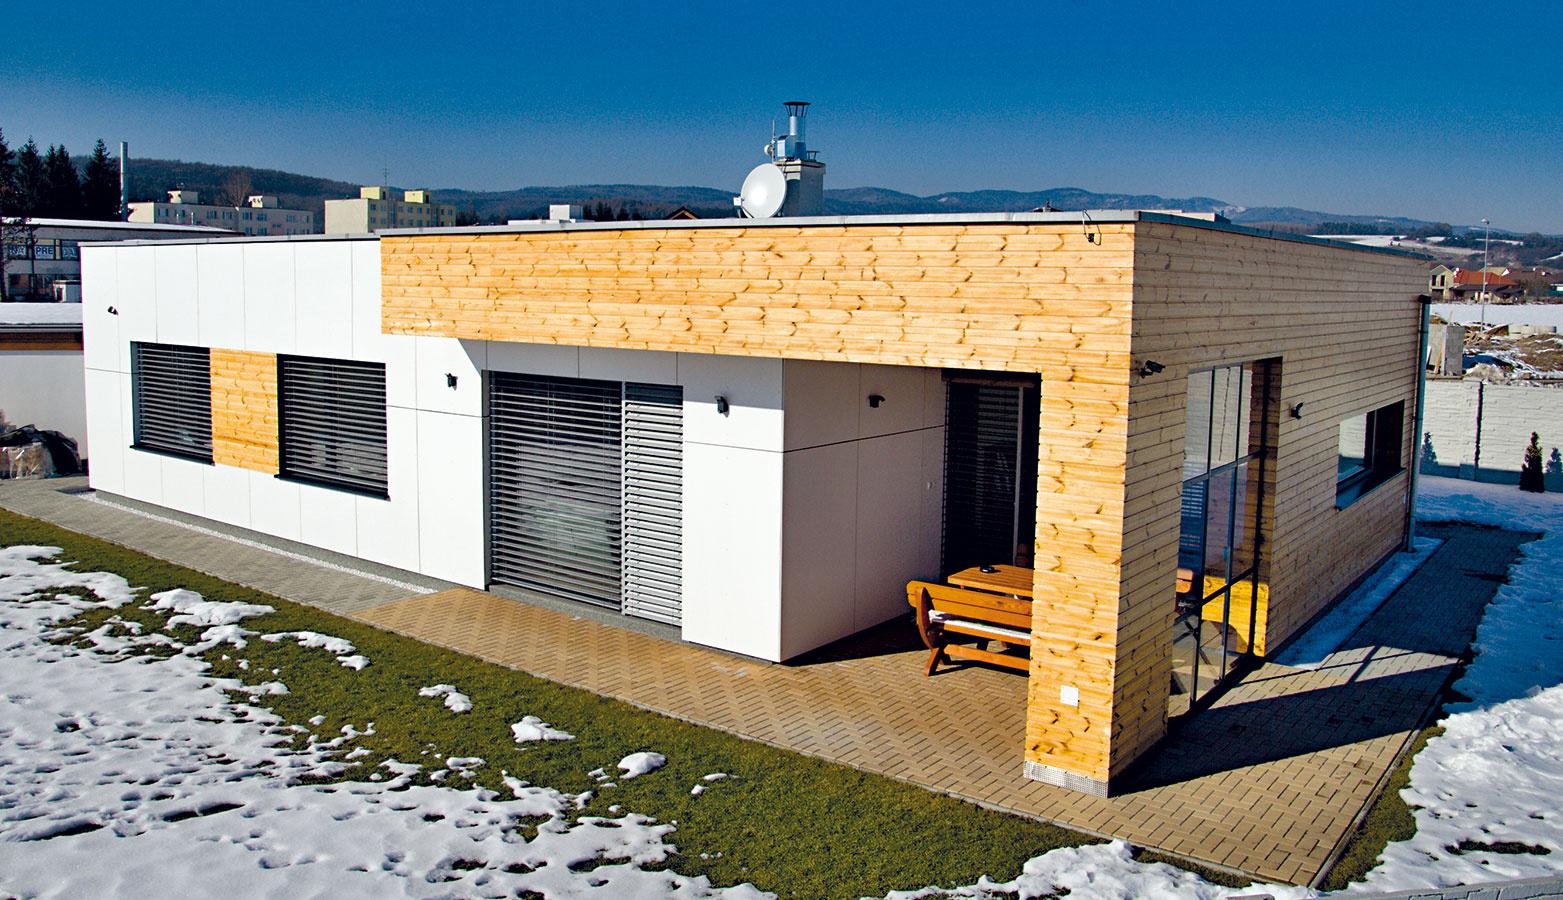 Energeticky pasívnu montovanú drevostavbu postavila neďaleko Zvolena slovenská firma ForDom. Moderný jednopodlažný rodinný dom je vhodný do rovinatého terénu aurčený 4- až 6-člennej rodine. Dispozícia sveľkým otvoreným priestorom obývačky, kuchyne ajedálne, troma spálňami, dvomi plnohodnotnými kúpeľňami ajedným samostatným WC umožňuje niekoľko alternatívnych riešení.